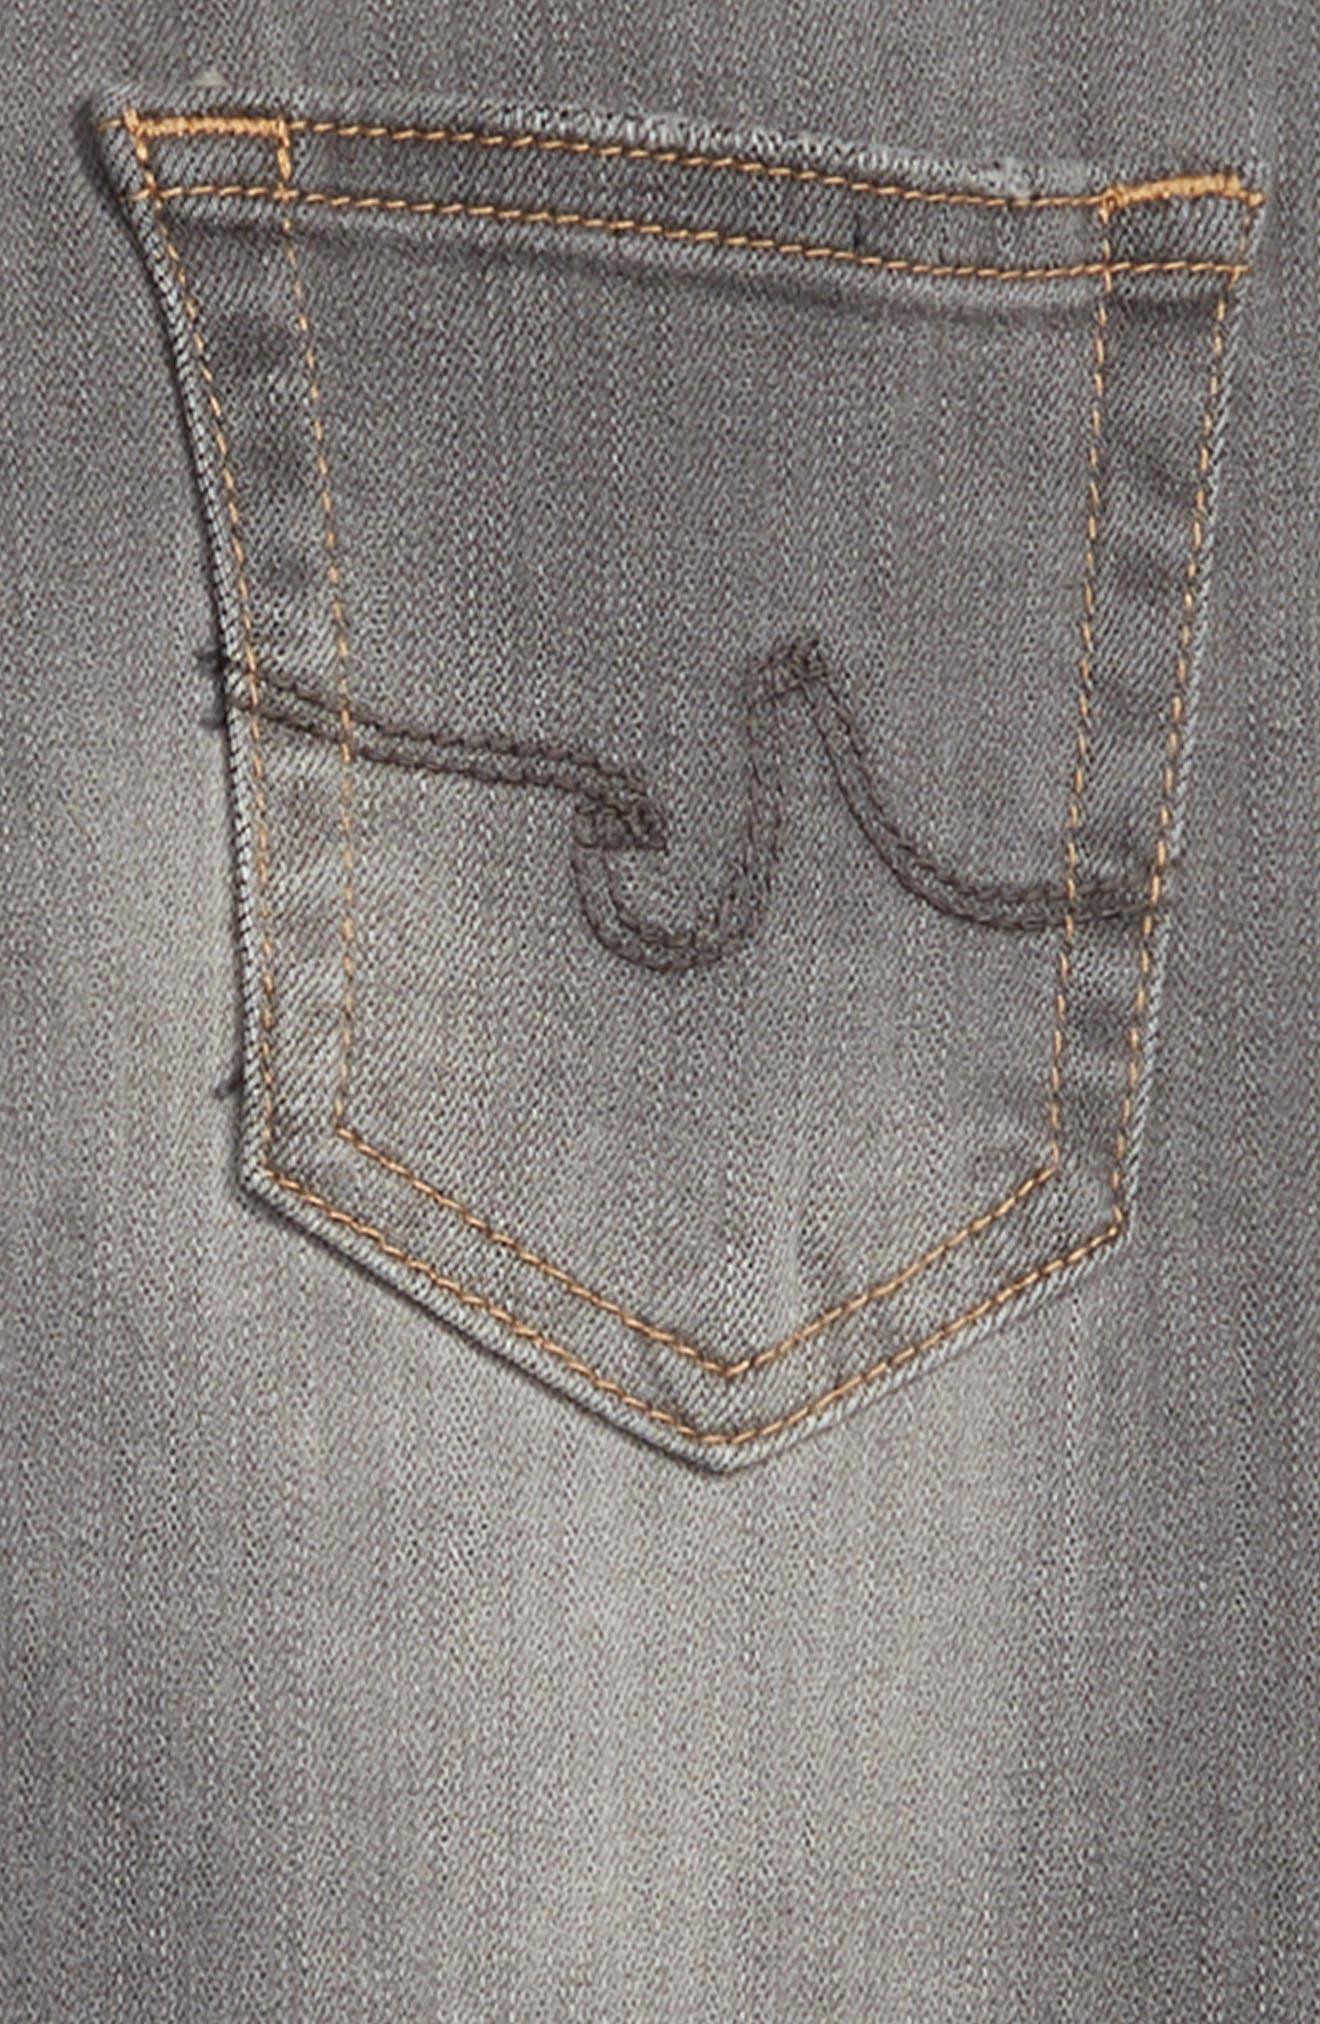 The Stryker Slim Straight Leg Jeans,                             Alternate thumbnail 3, color,                             022